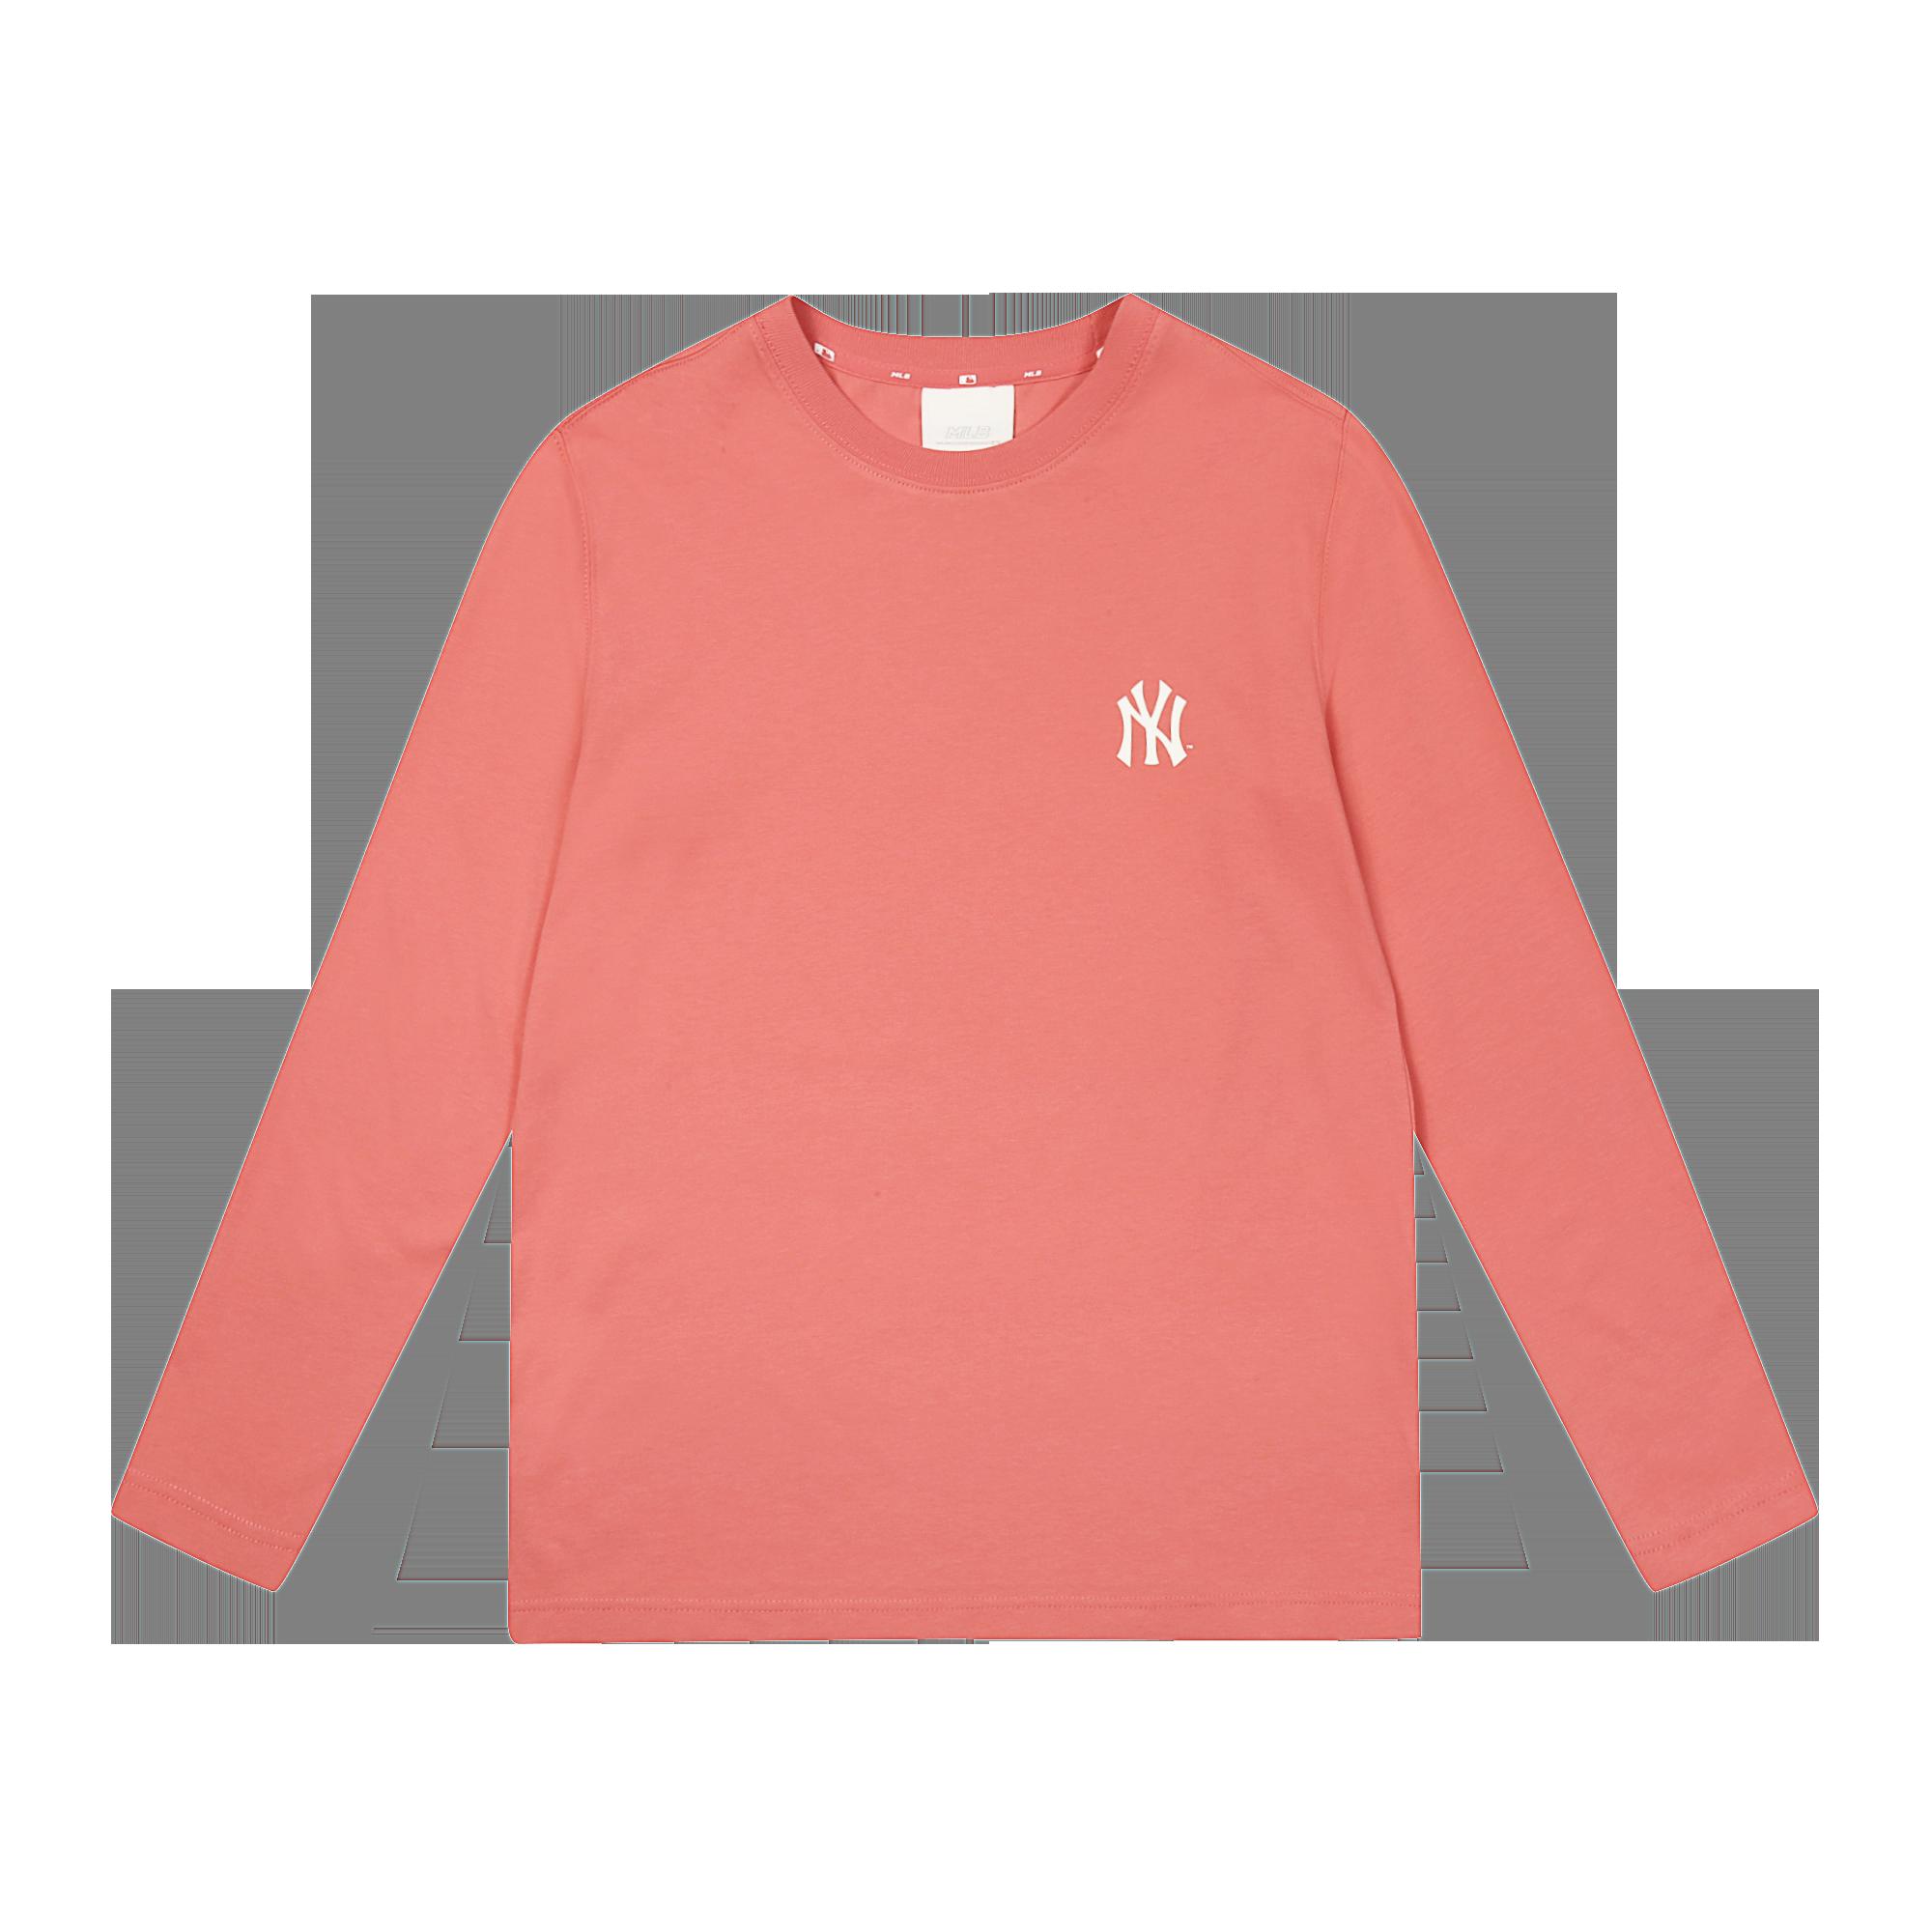 메가로고 긴팔 티셔츠 뉴욕양키스